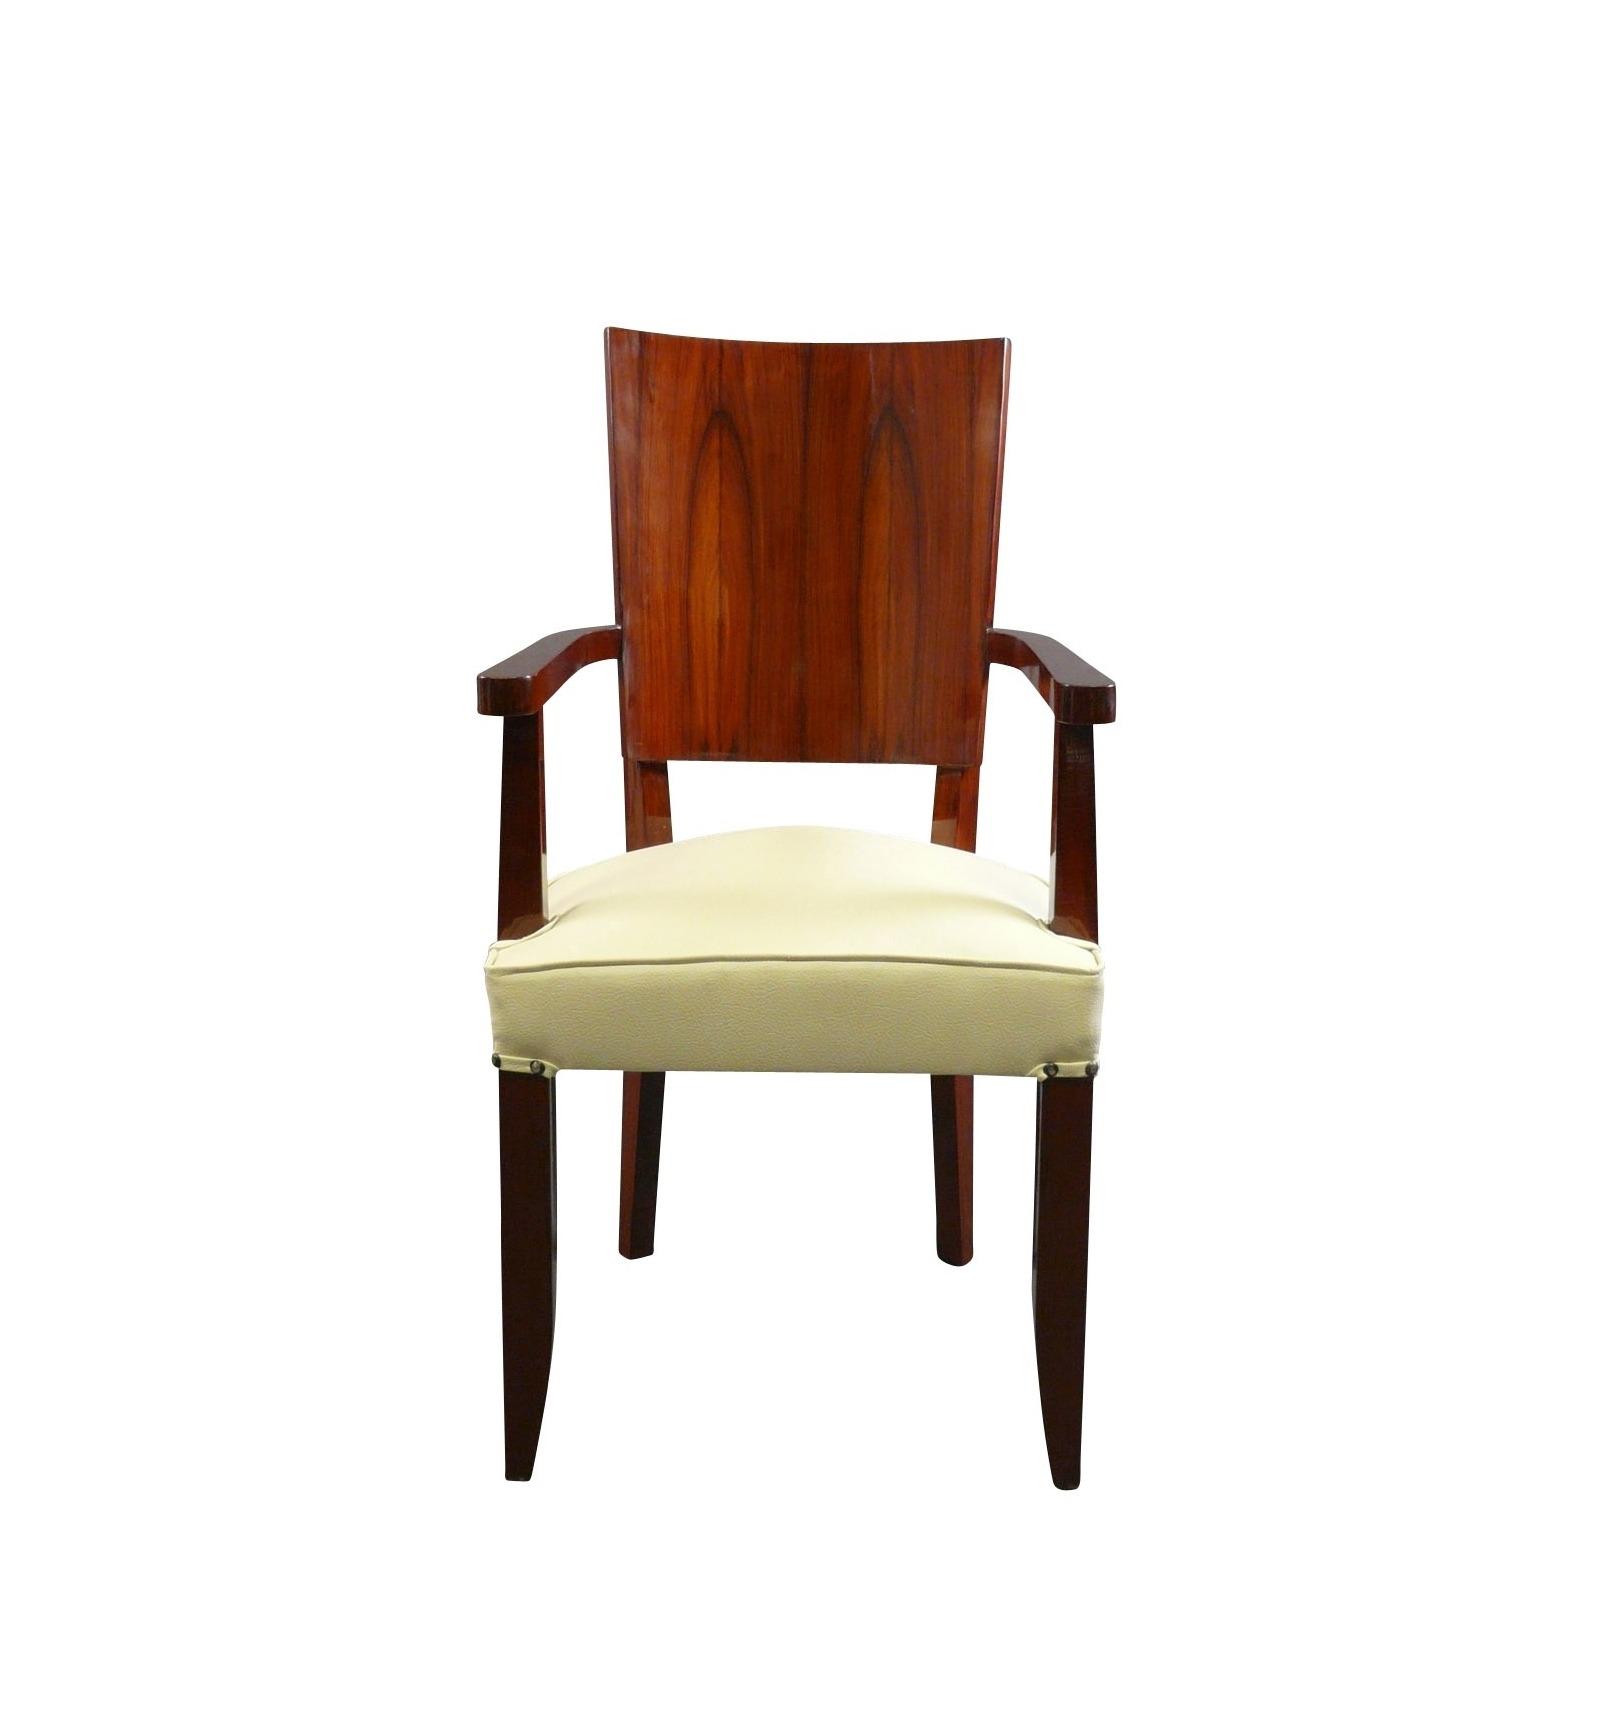 fauteuil style art déco 1920 - meubles art déco